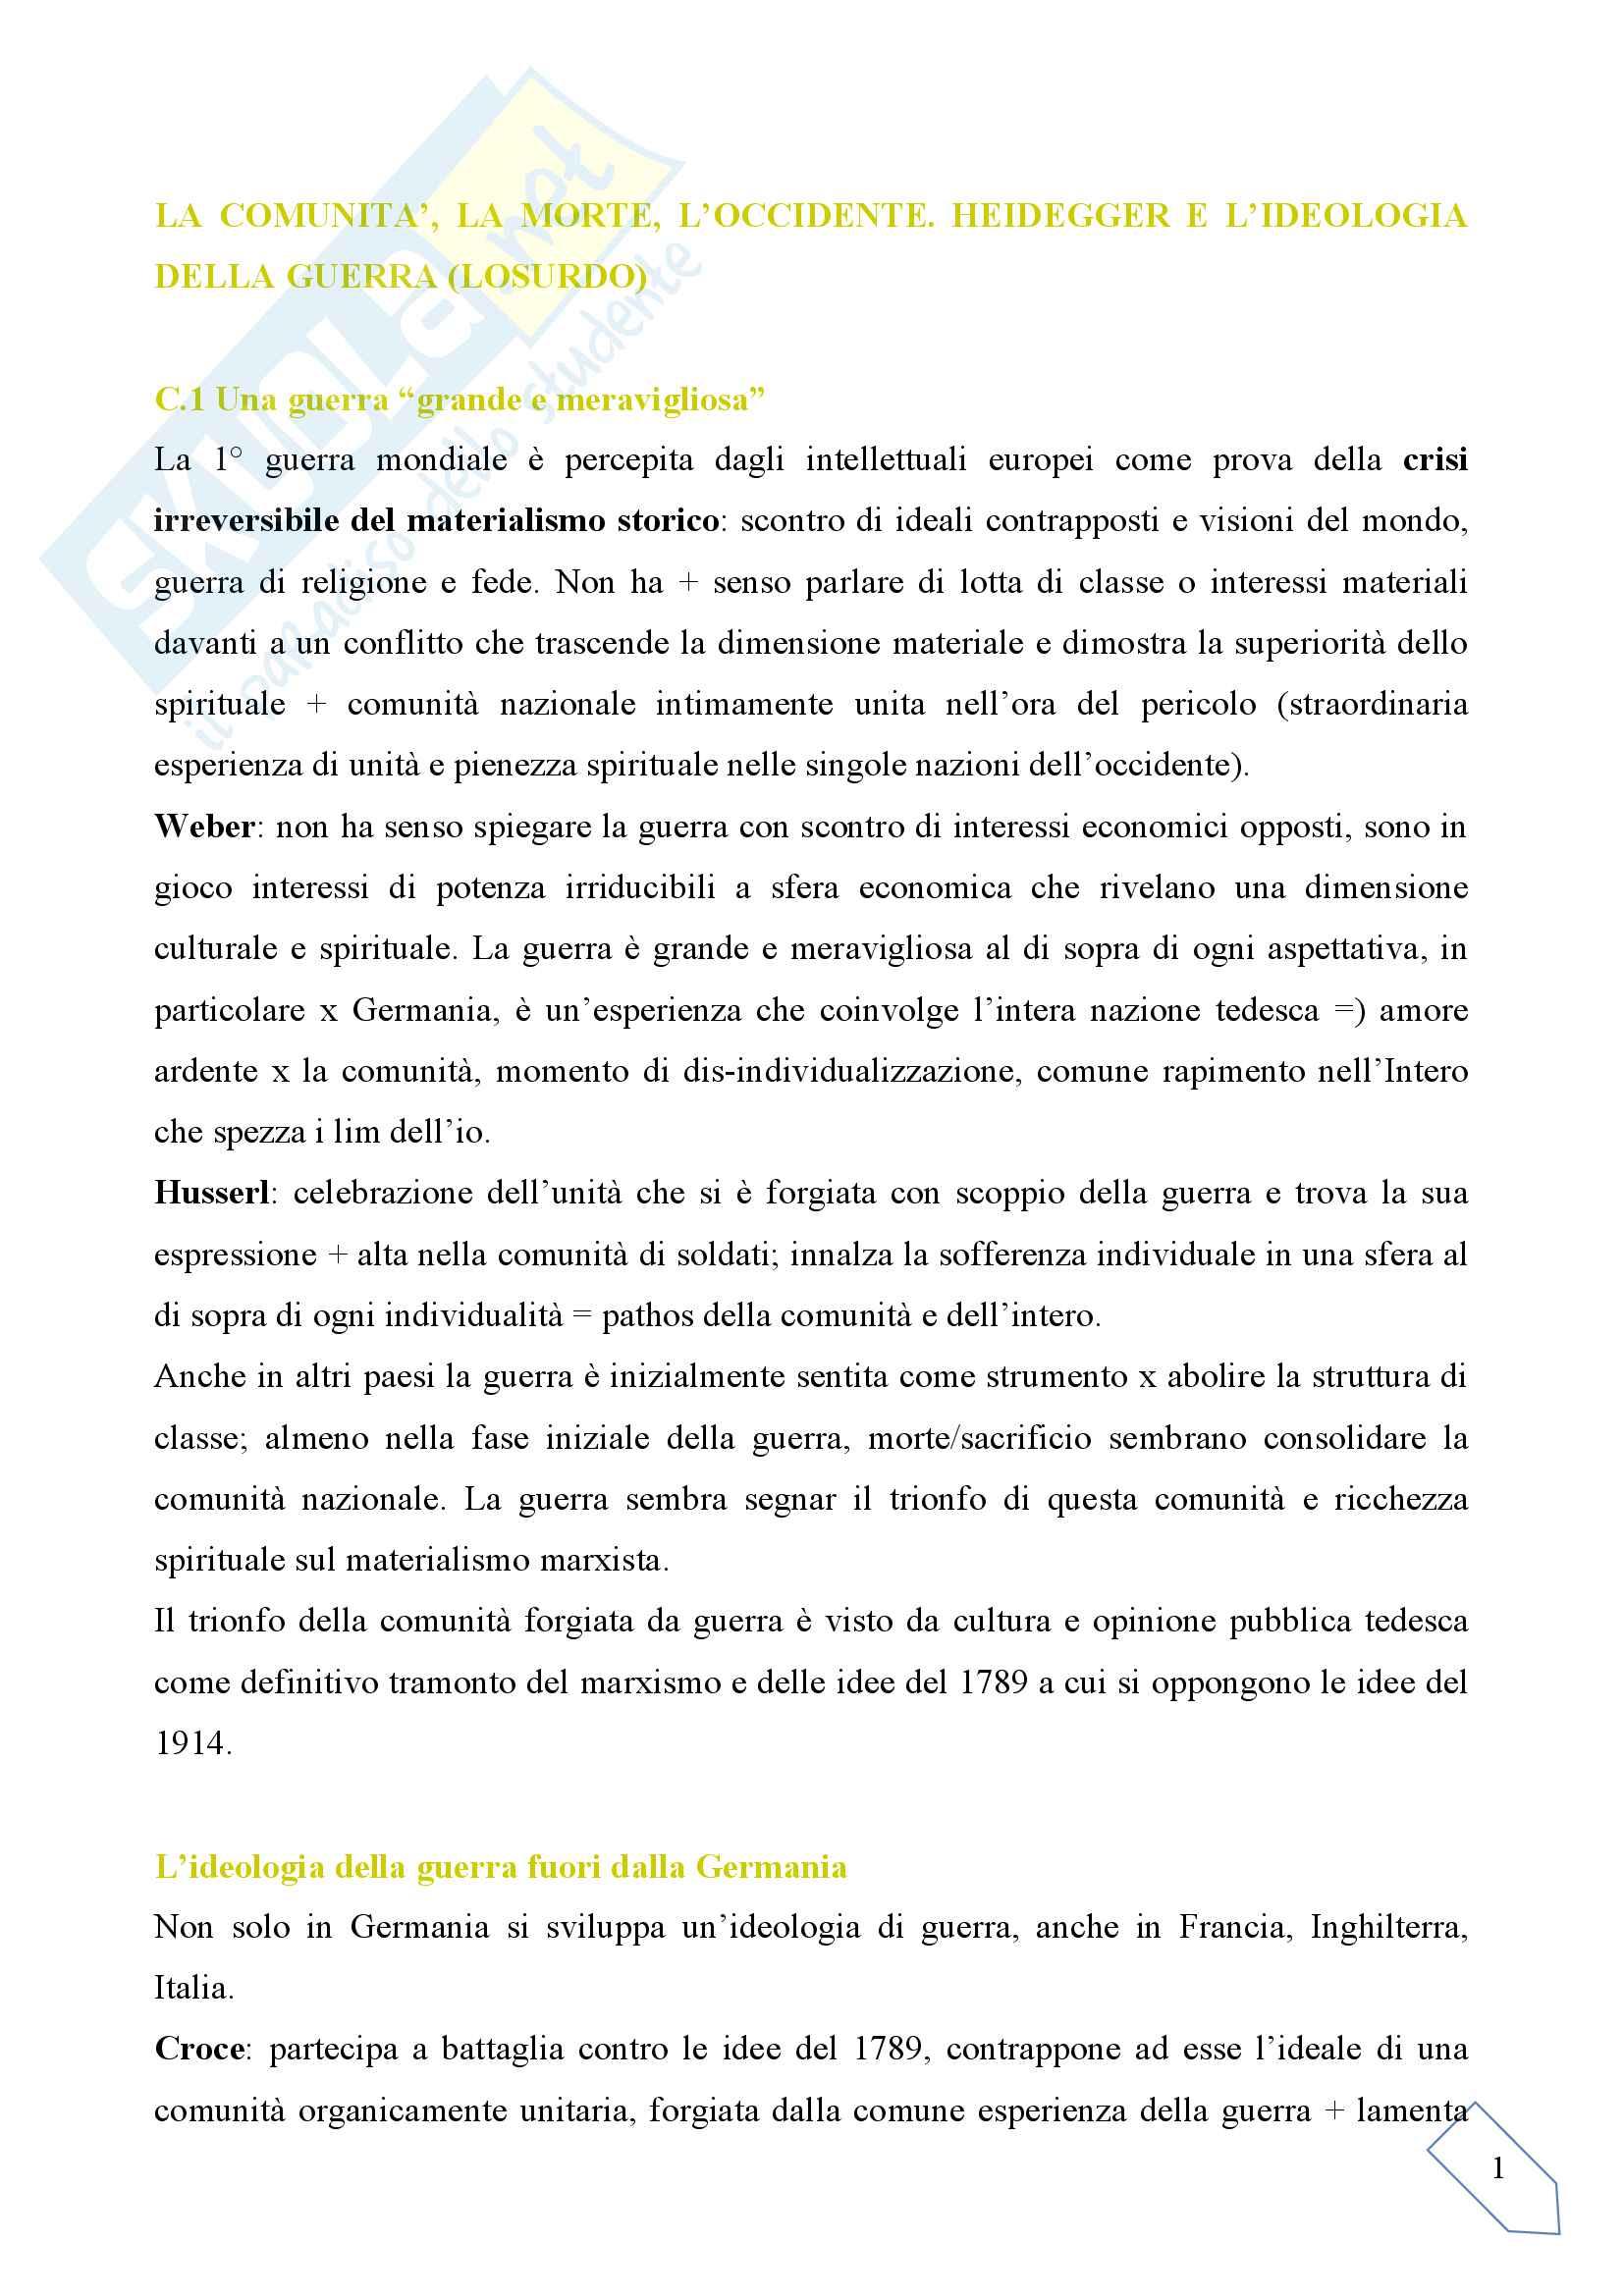 Sunto per l'esame di Estetica, docente Pinottini, libro consigliato La comunità, la morte, l'Occidente, Losurdo